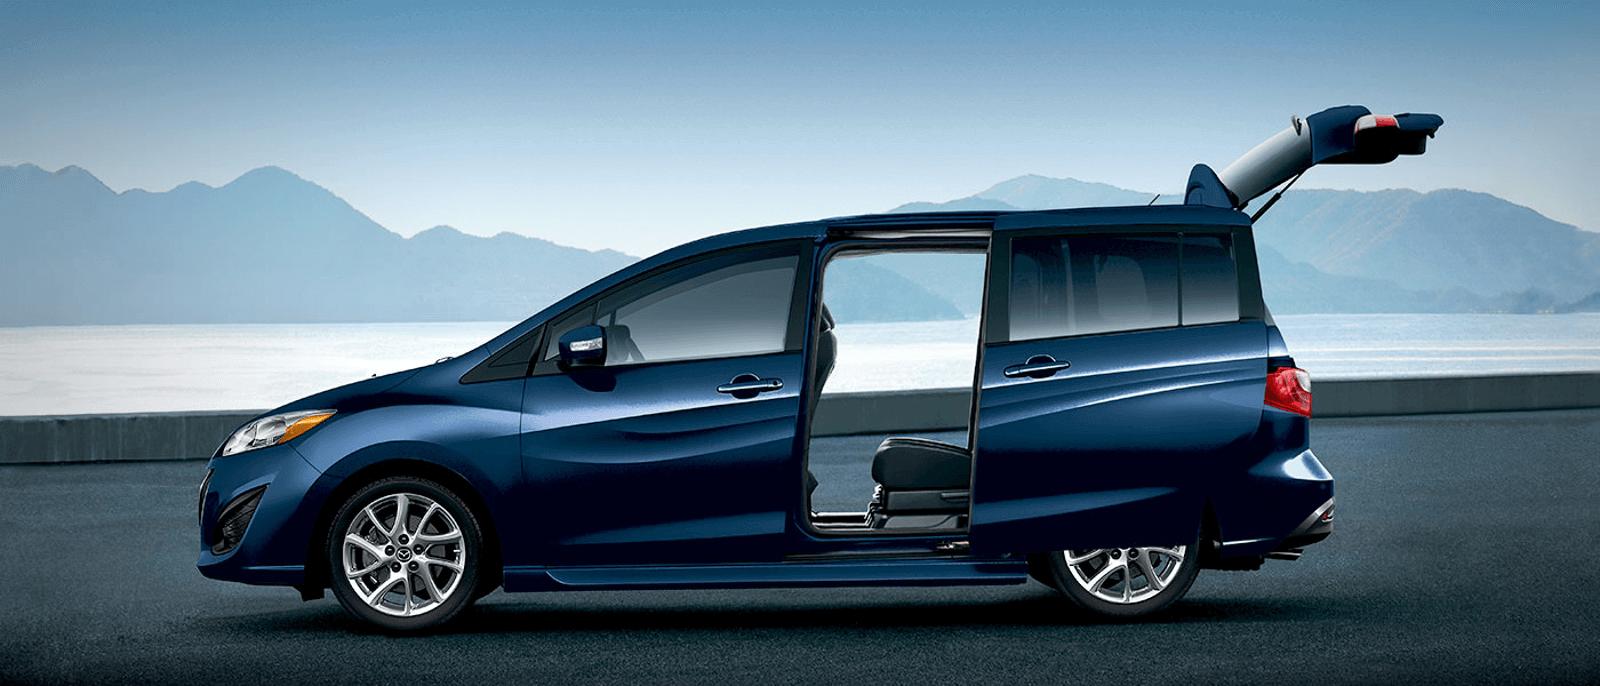 2015 Mazda5 trunk open